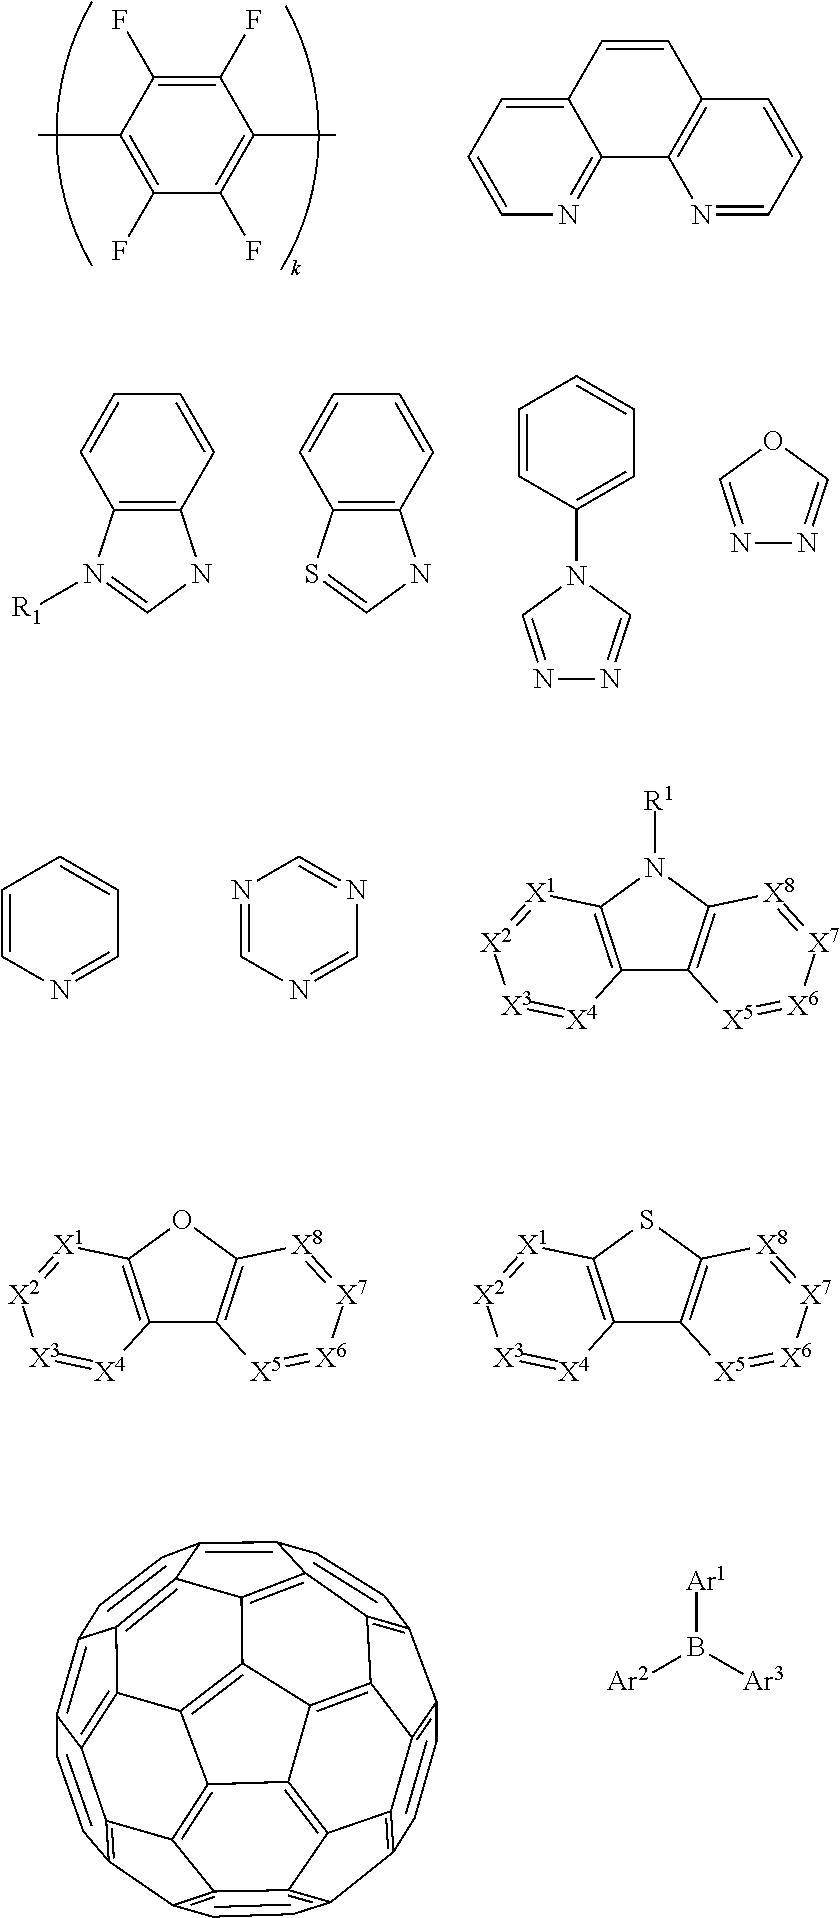 Figure US08716484-20140506-C00030